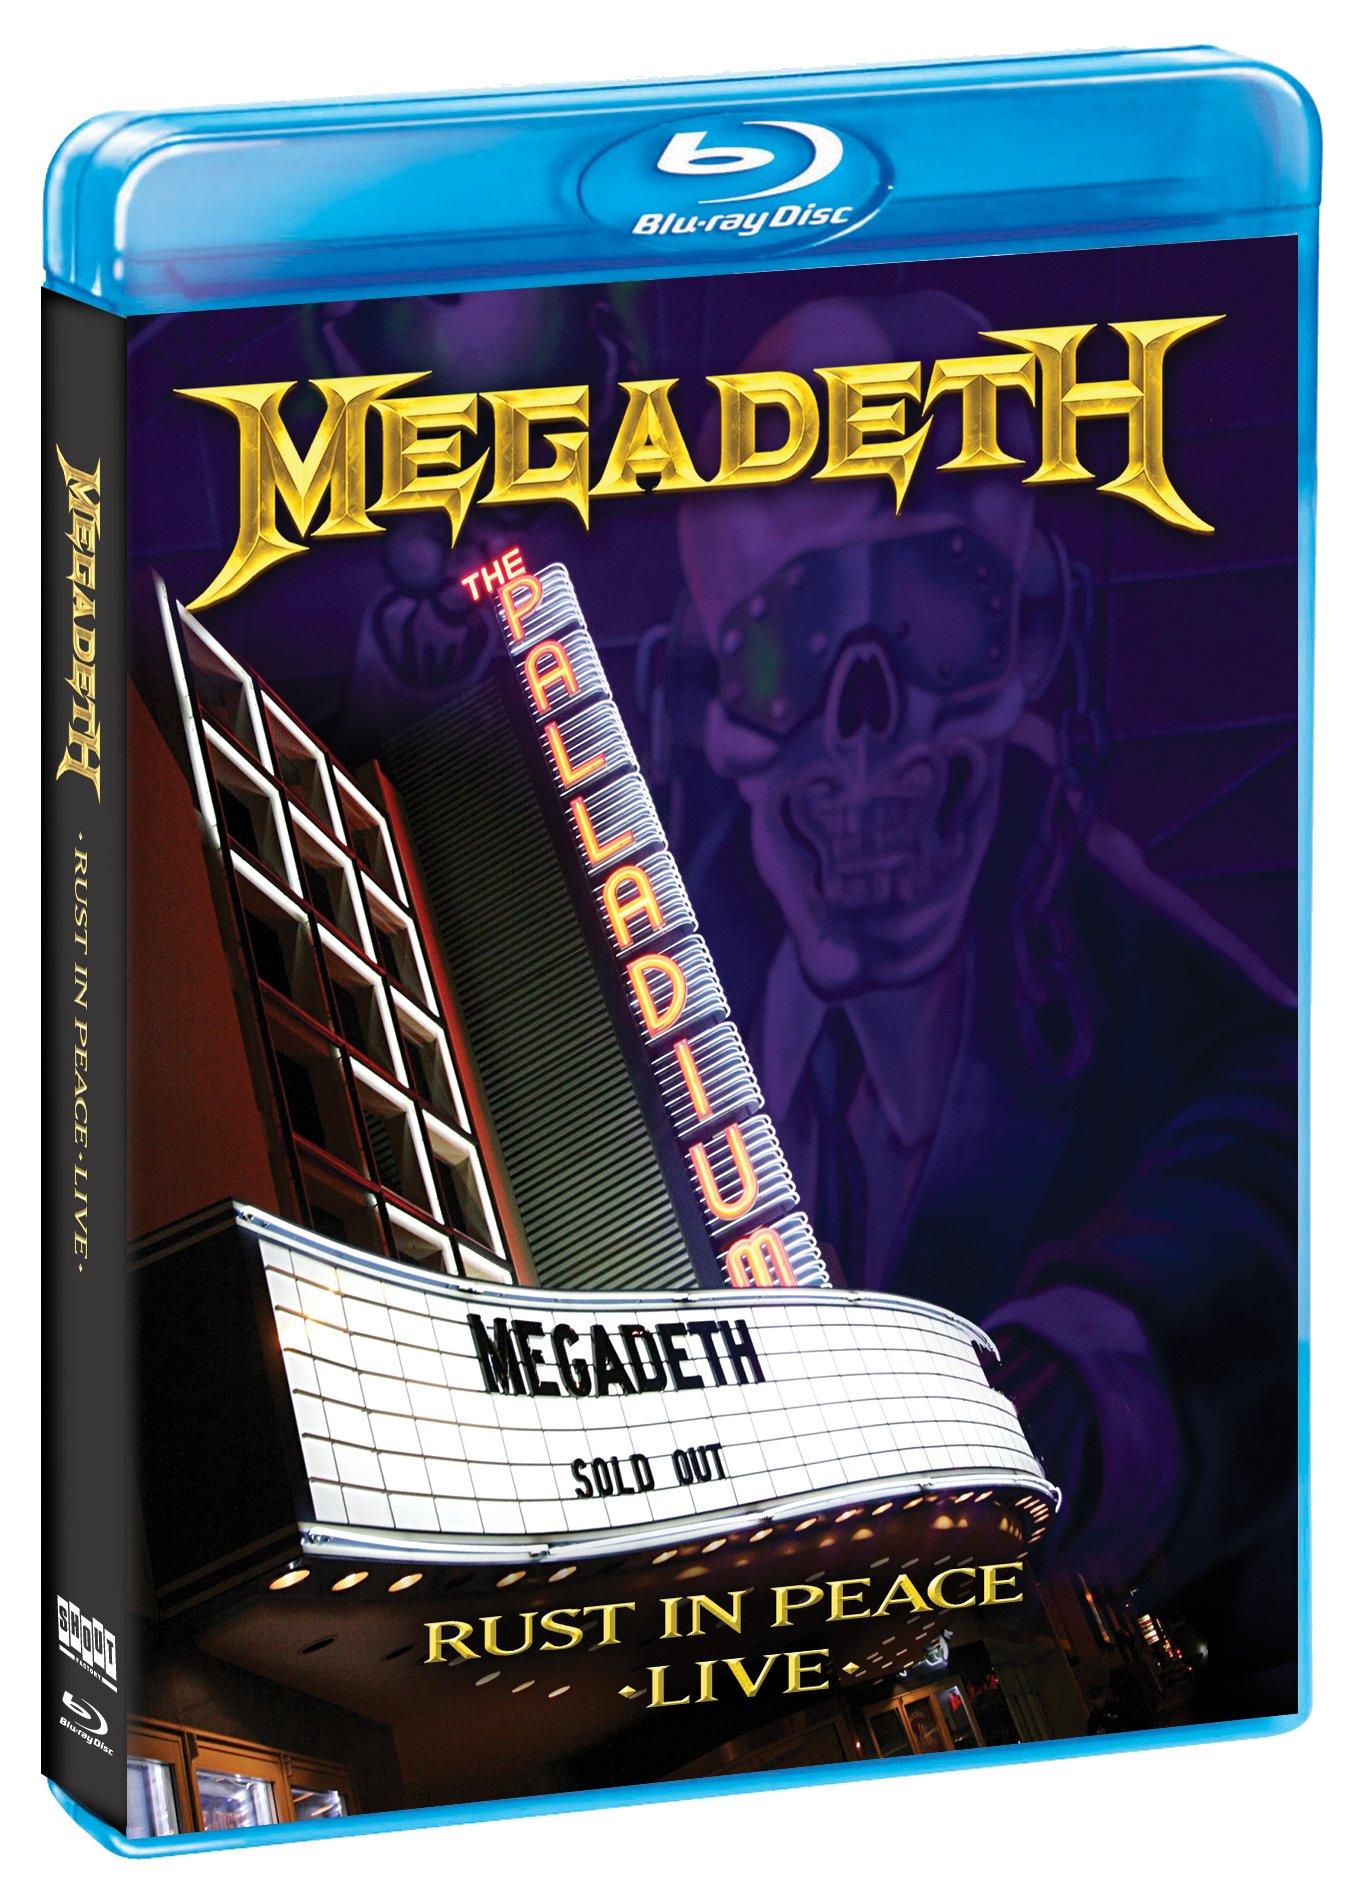 Blu-ray : Megadeth - Rust in Peace Live (Blu-ray)